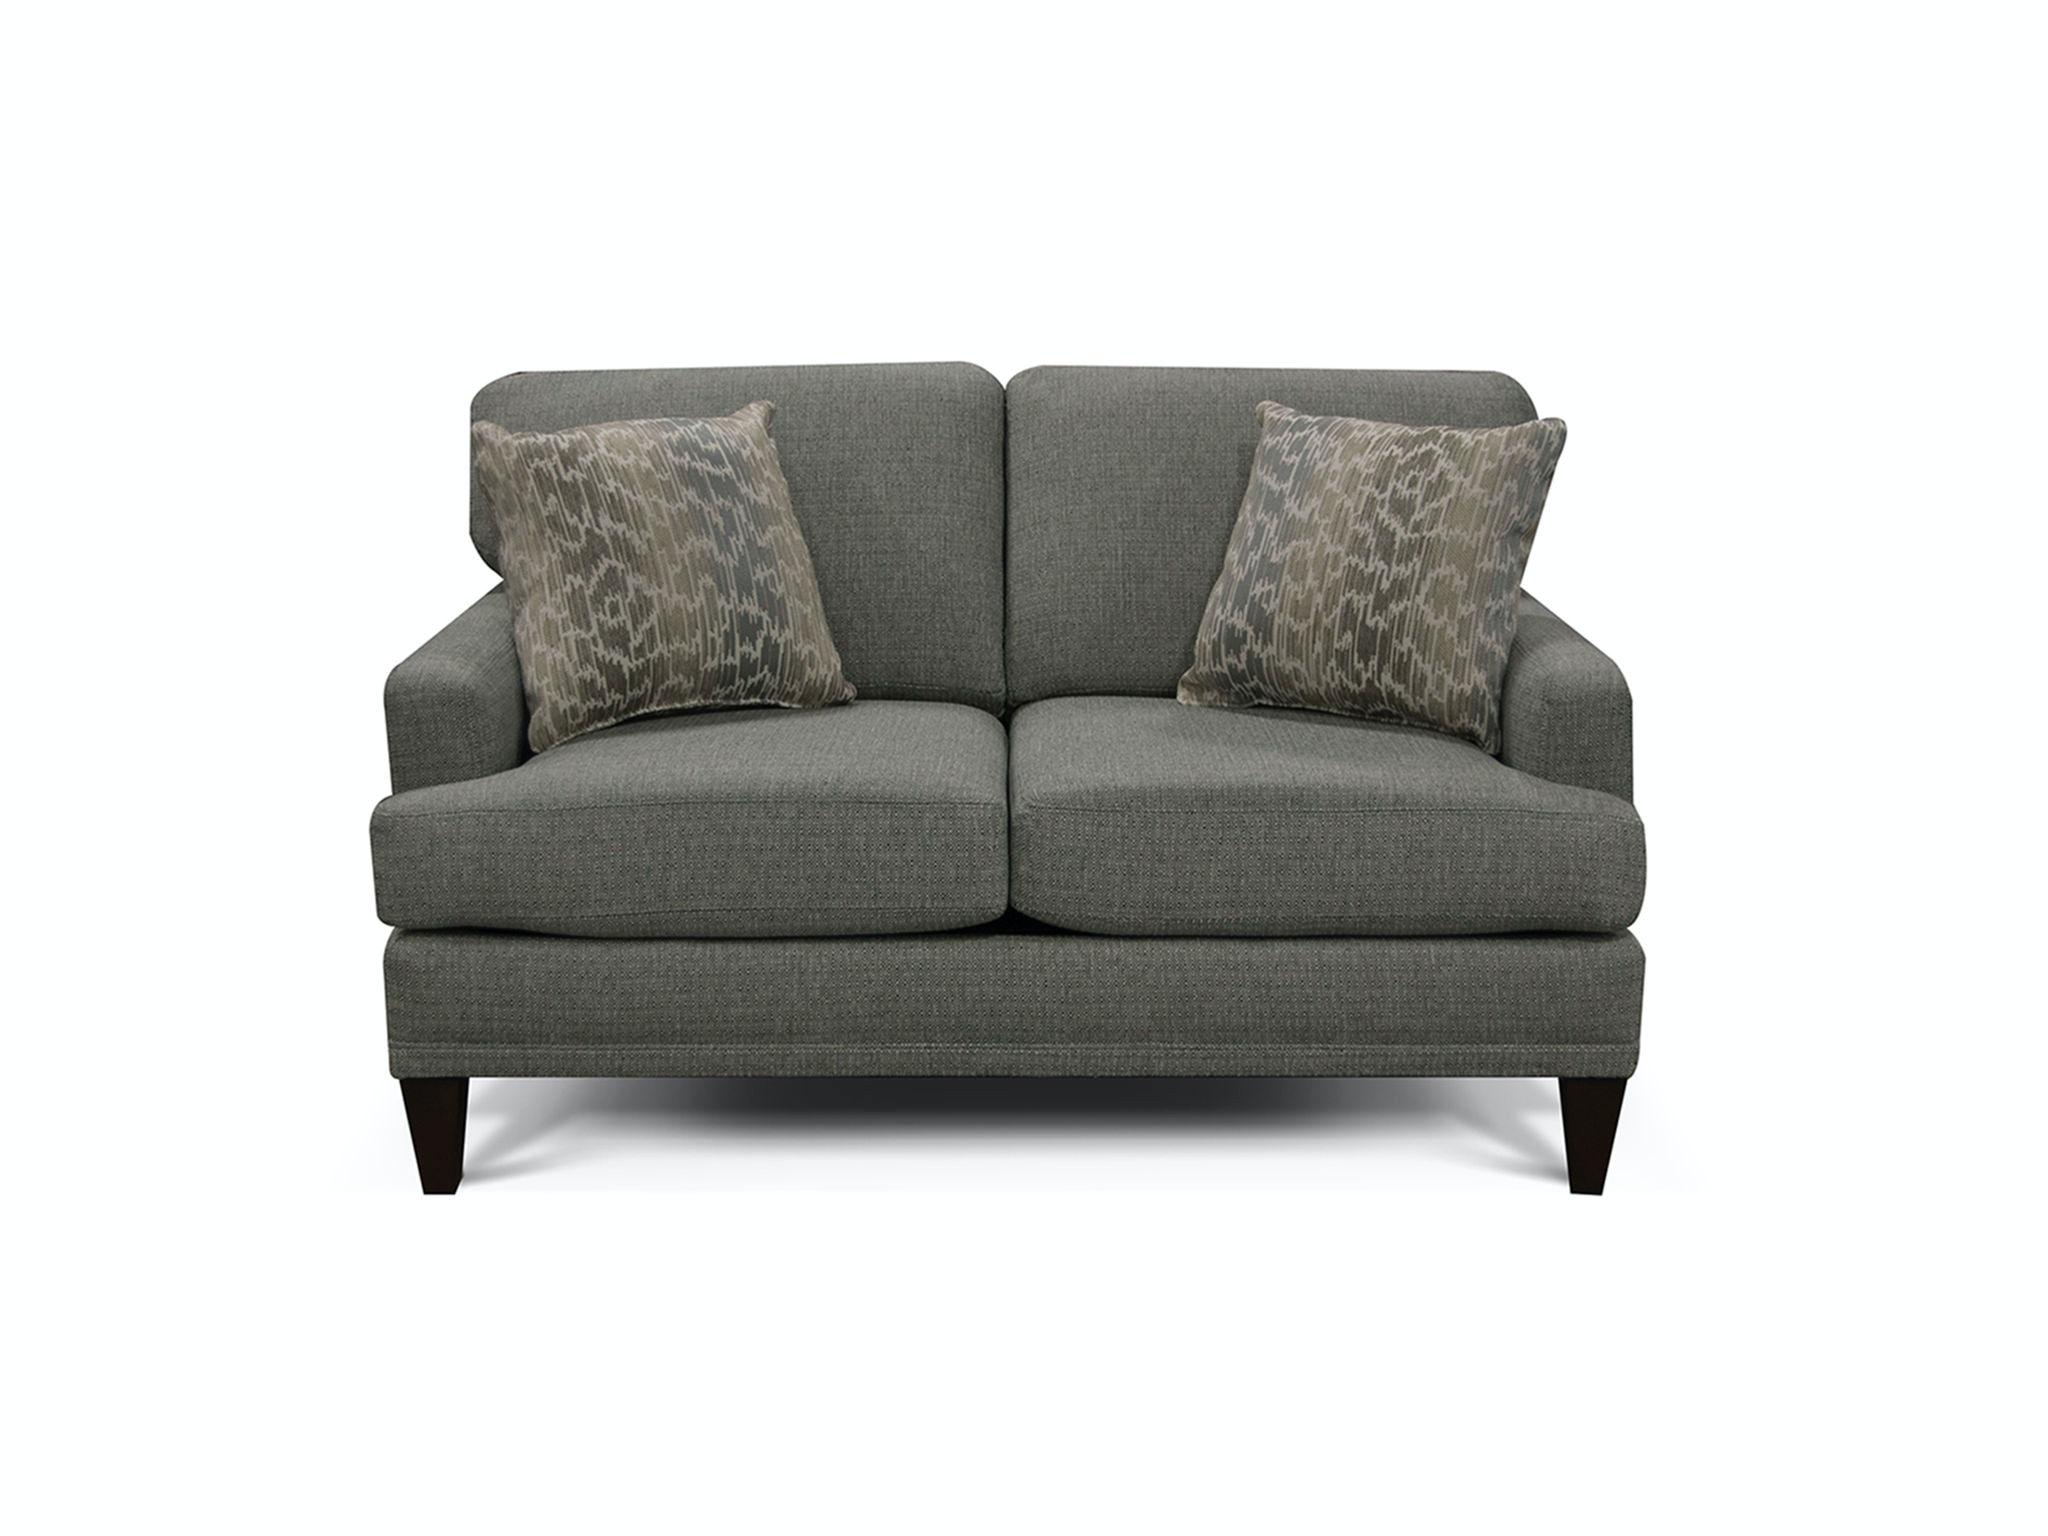 England Living Room Tara Loveseat 4Z06 - Arthur F Schultz ...